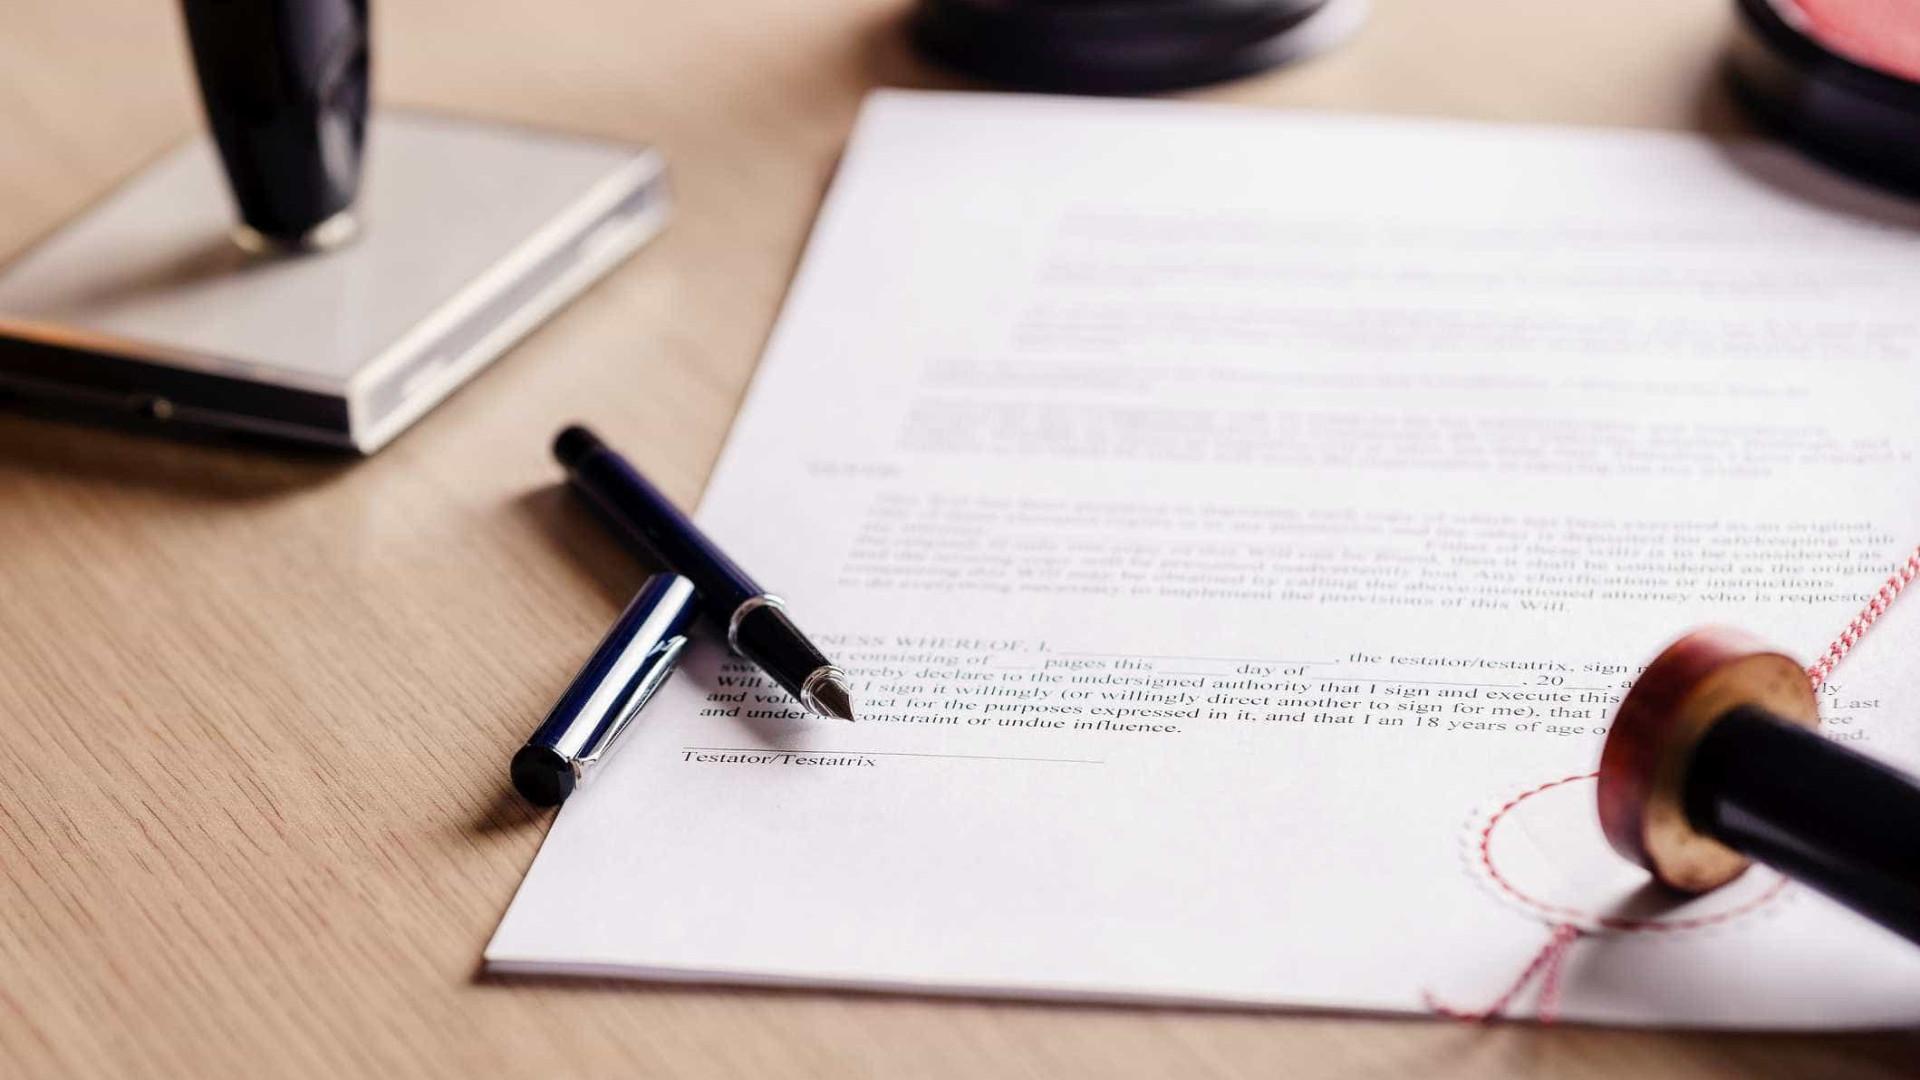 Filomena Rosa nomeada Presidente do Instituto dos Registos e do Notariado